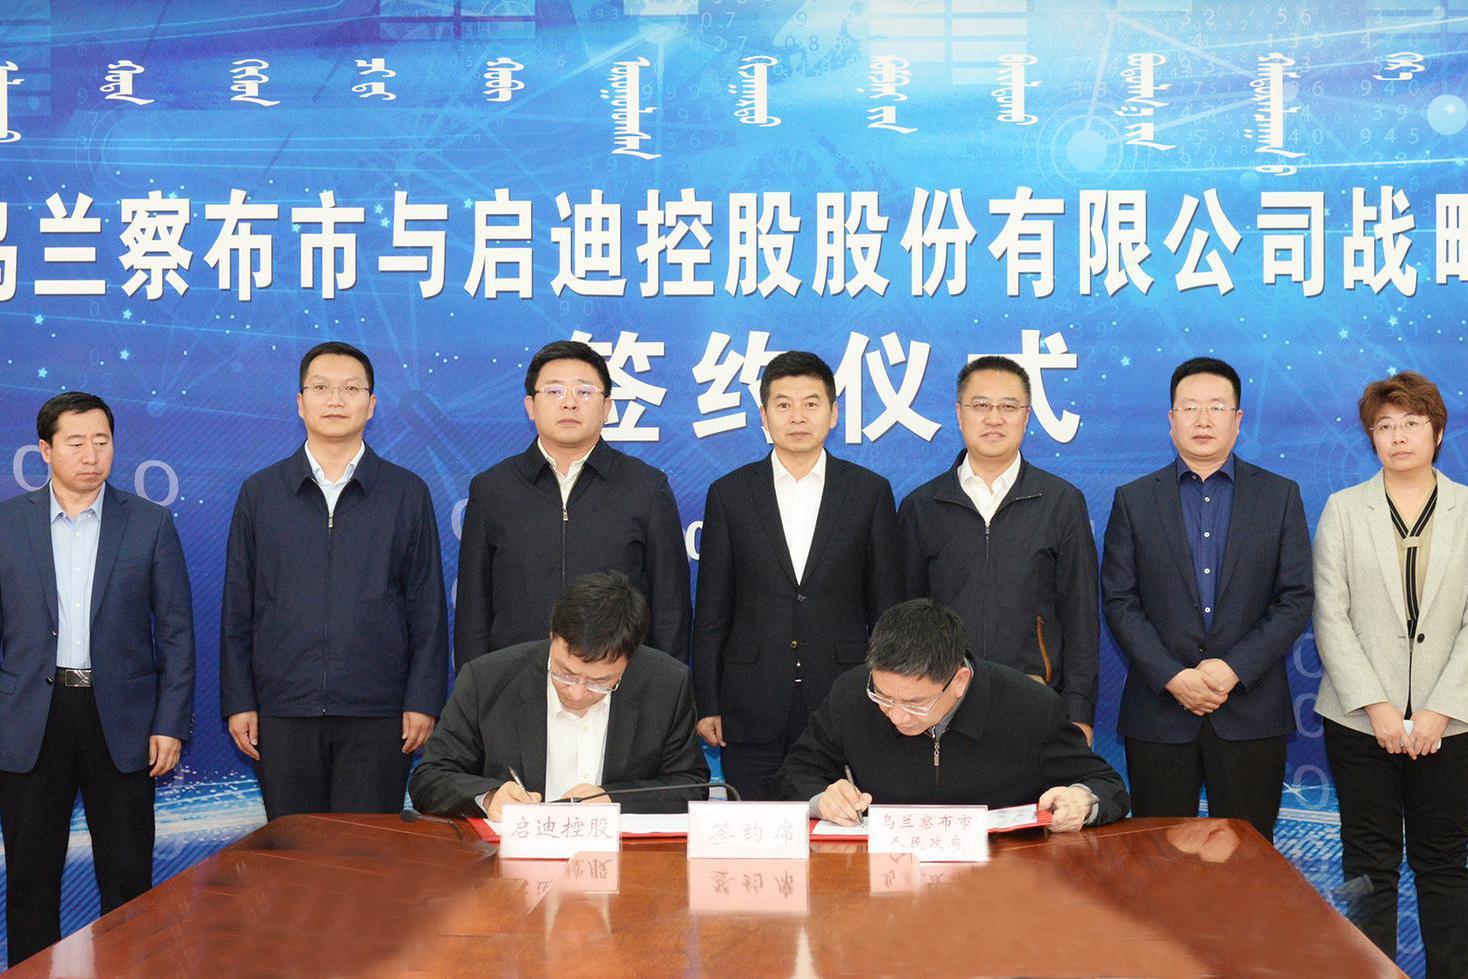 签约合作 | 启迪控股与内蒙古乌兰察布市签署战略合作协议